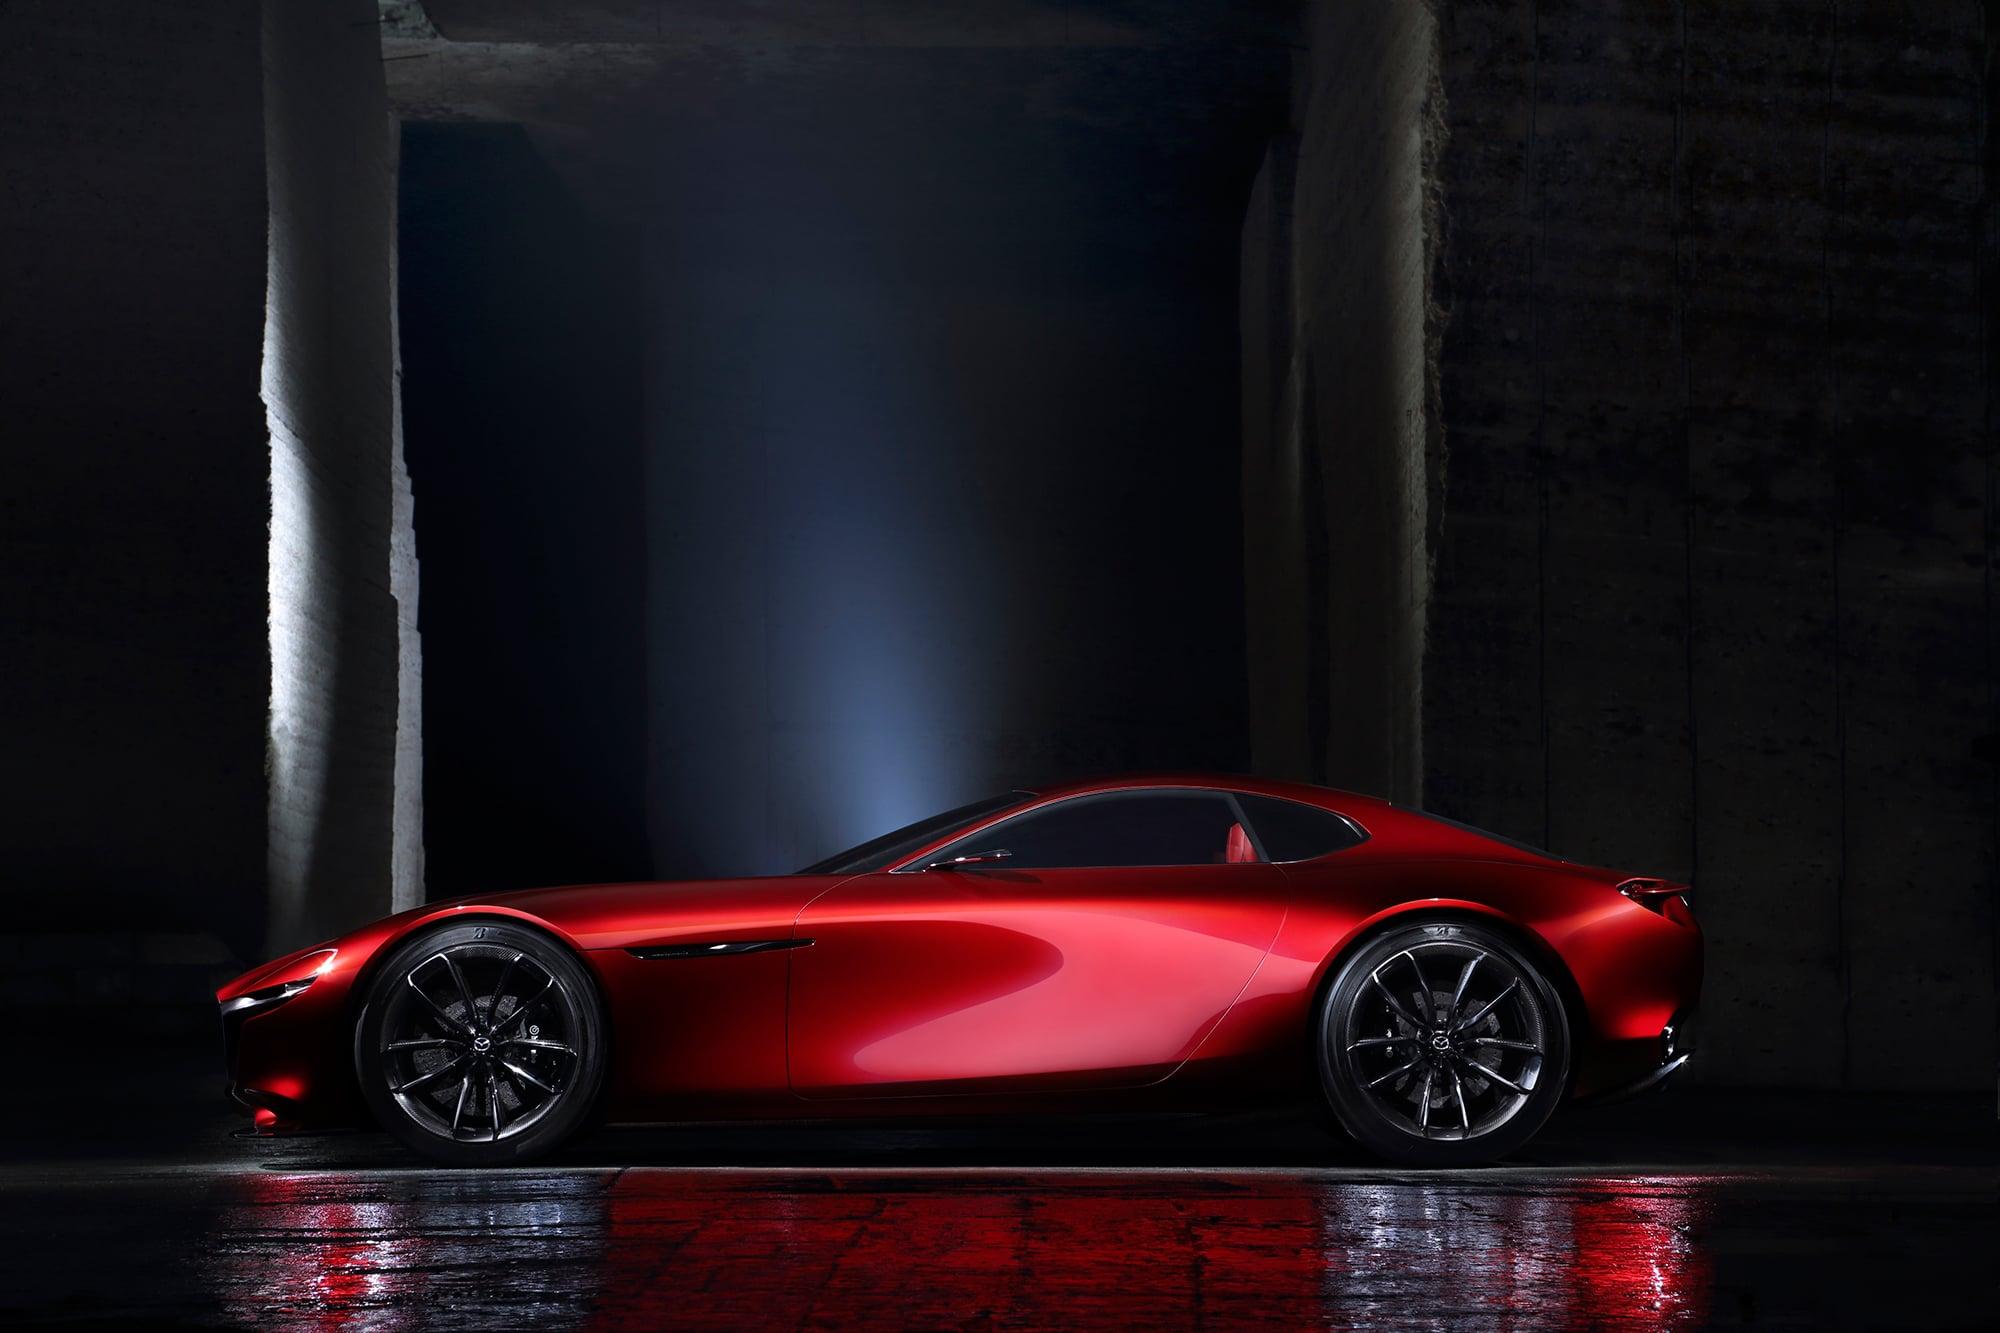 マツダデザインが考える美しいFRスポーツの形「RX‐VISION」。